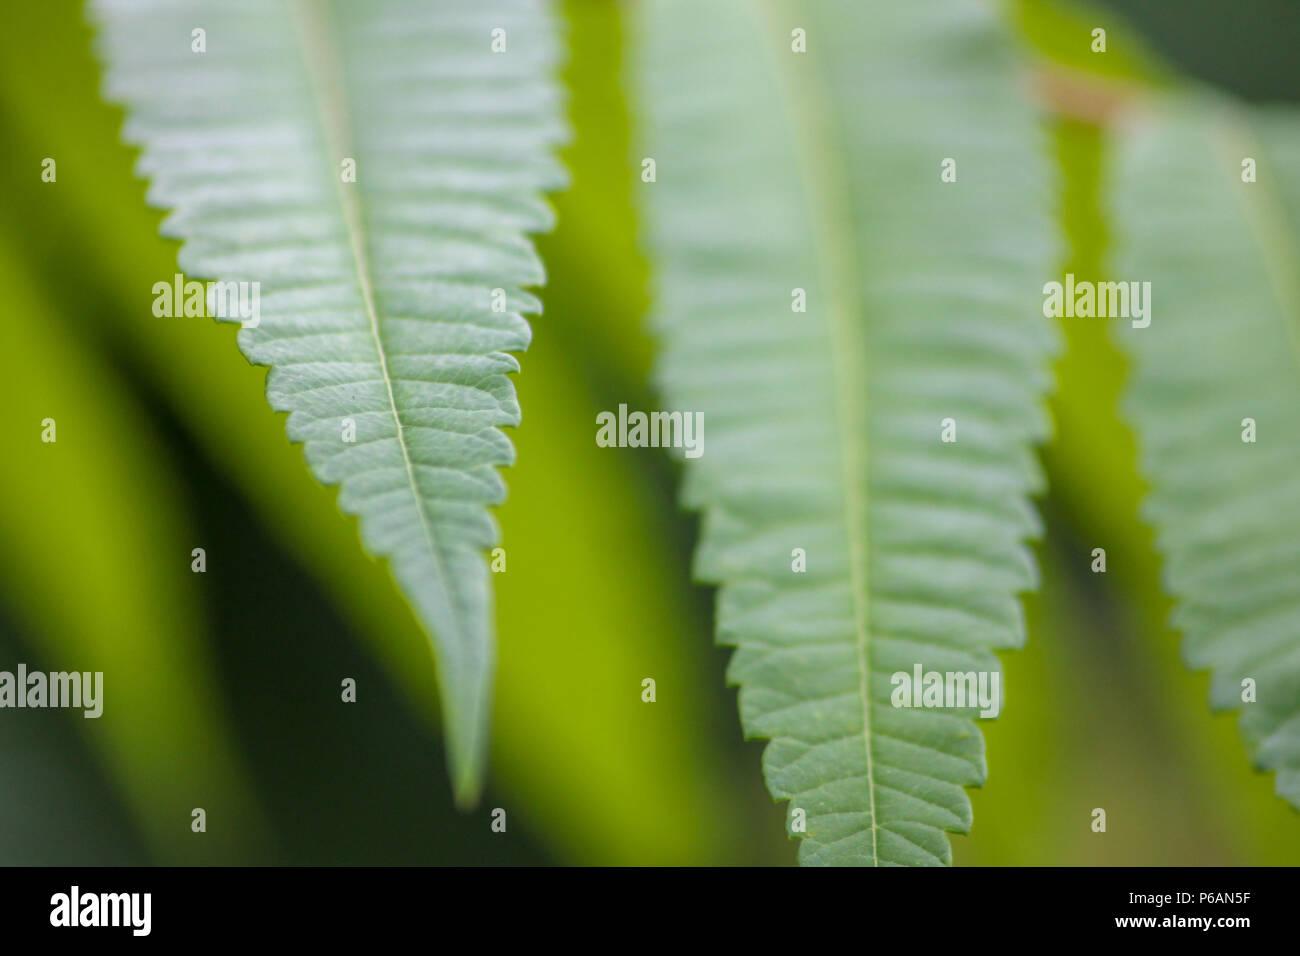 Close-up of green folioles dentelées qui appartiennent au vinaigrier (Rhus typhina) Photo Stock